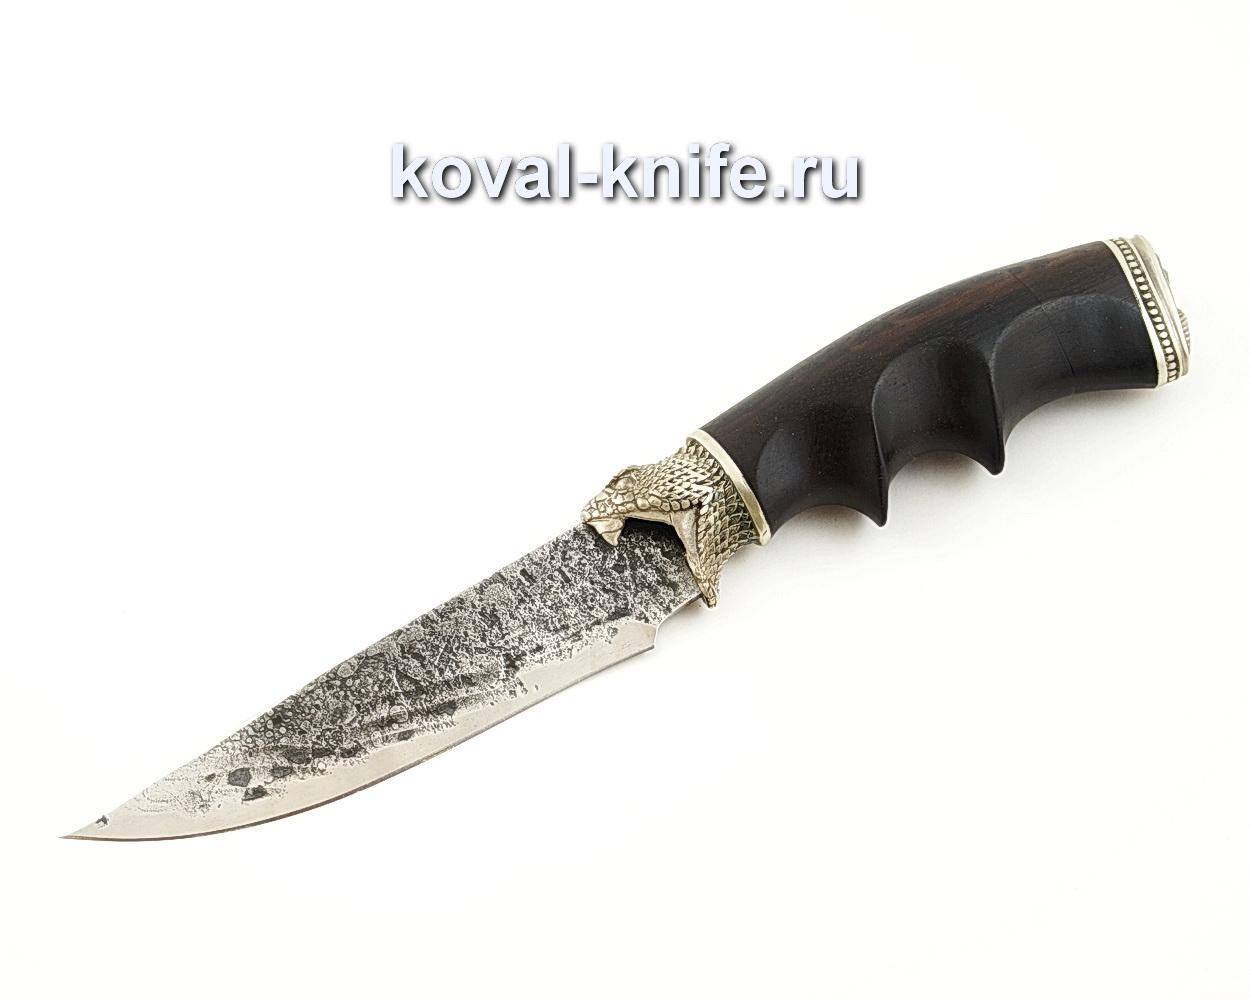 Нож Лис из кованой стали 9ХС с рукоятью из черного граба, литье на ноже — мельхиор A532